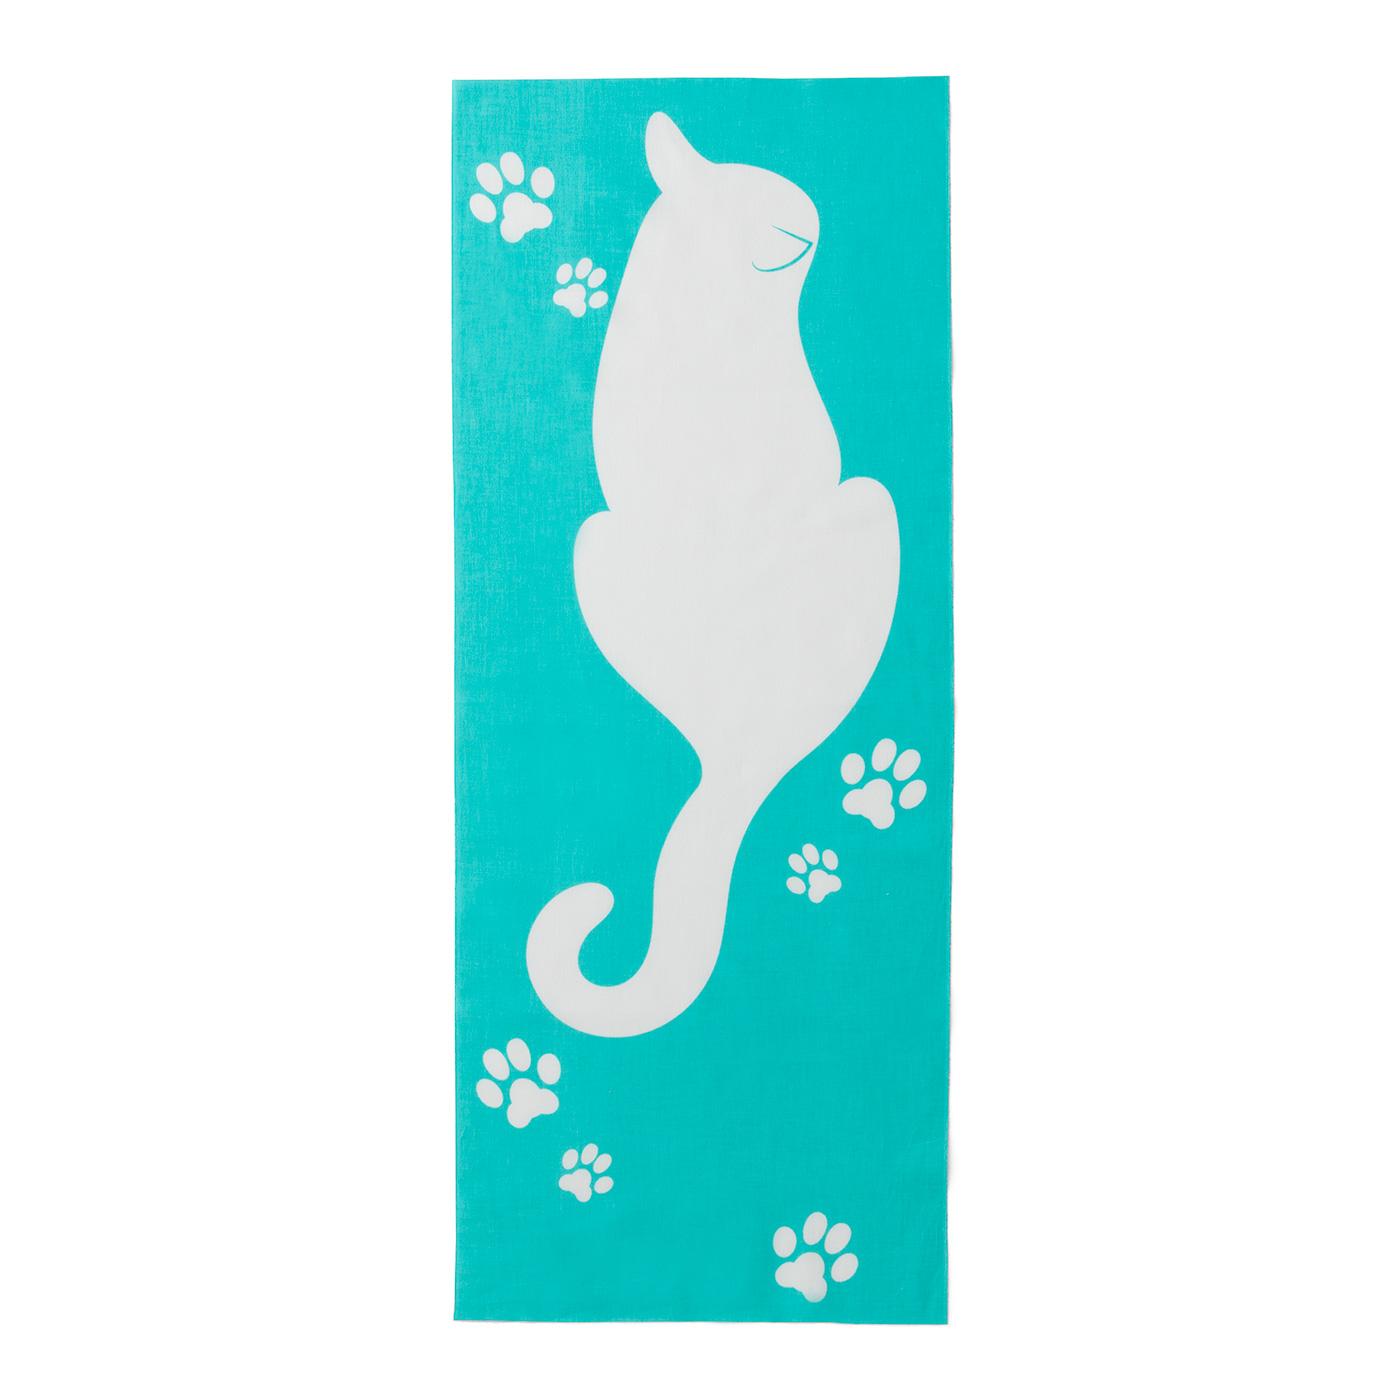 【1】「猫足」 by たかさん フリーデザイナーになるべく邁進中! いろいろな人の目に留まるデザインを作っていきたいです。